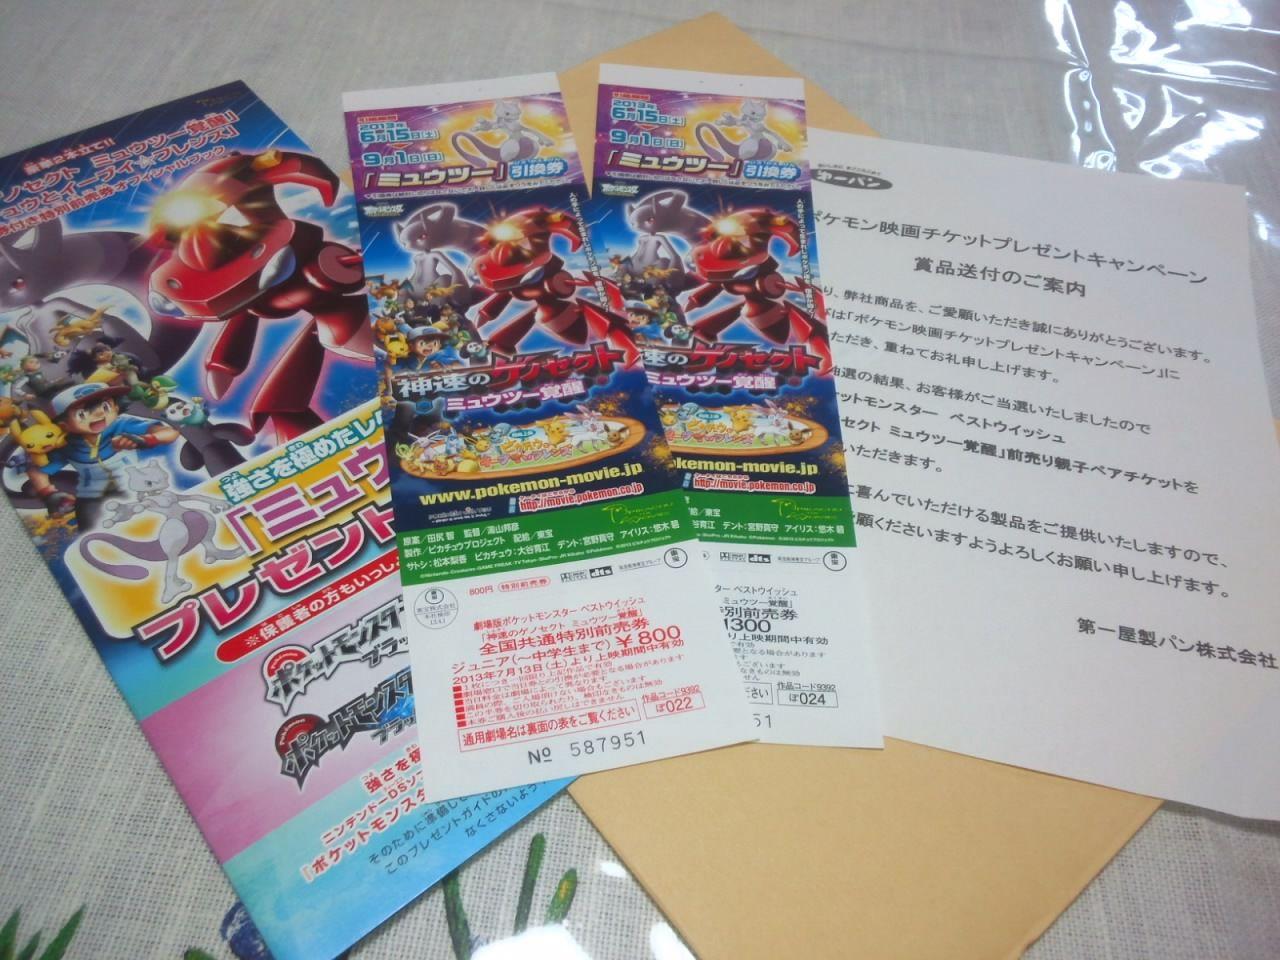 第一パン「ポケモン映画チケットプレゼントキャンペーン」~神速の